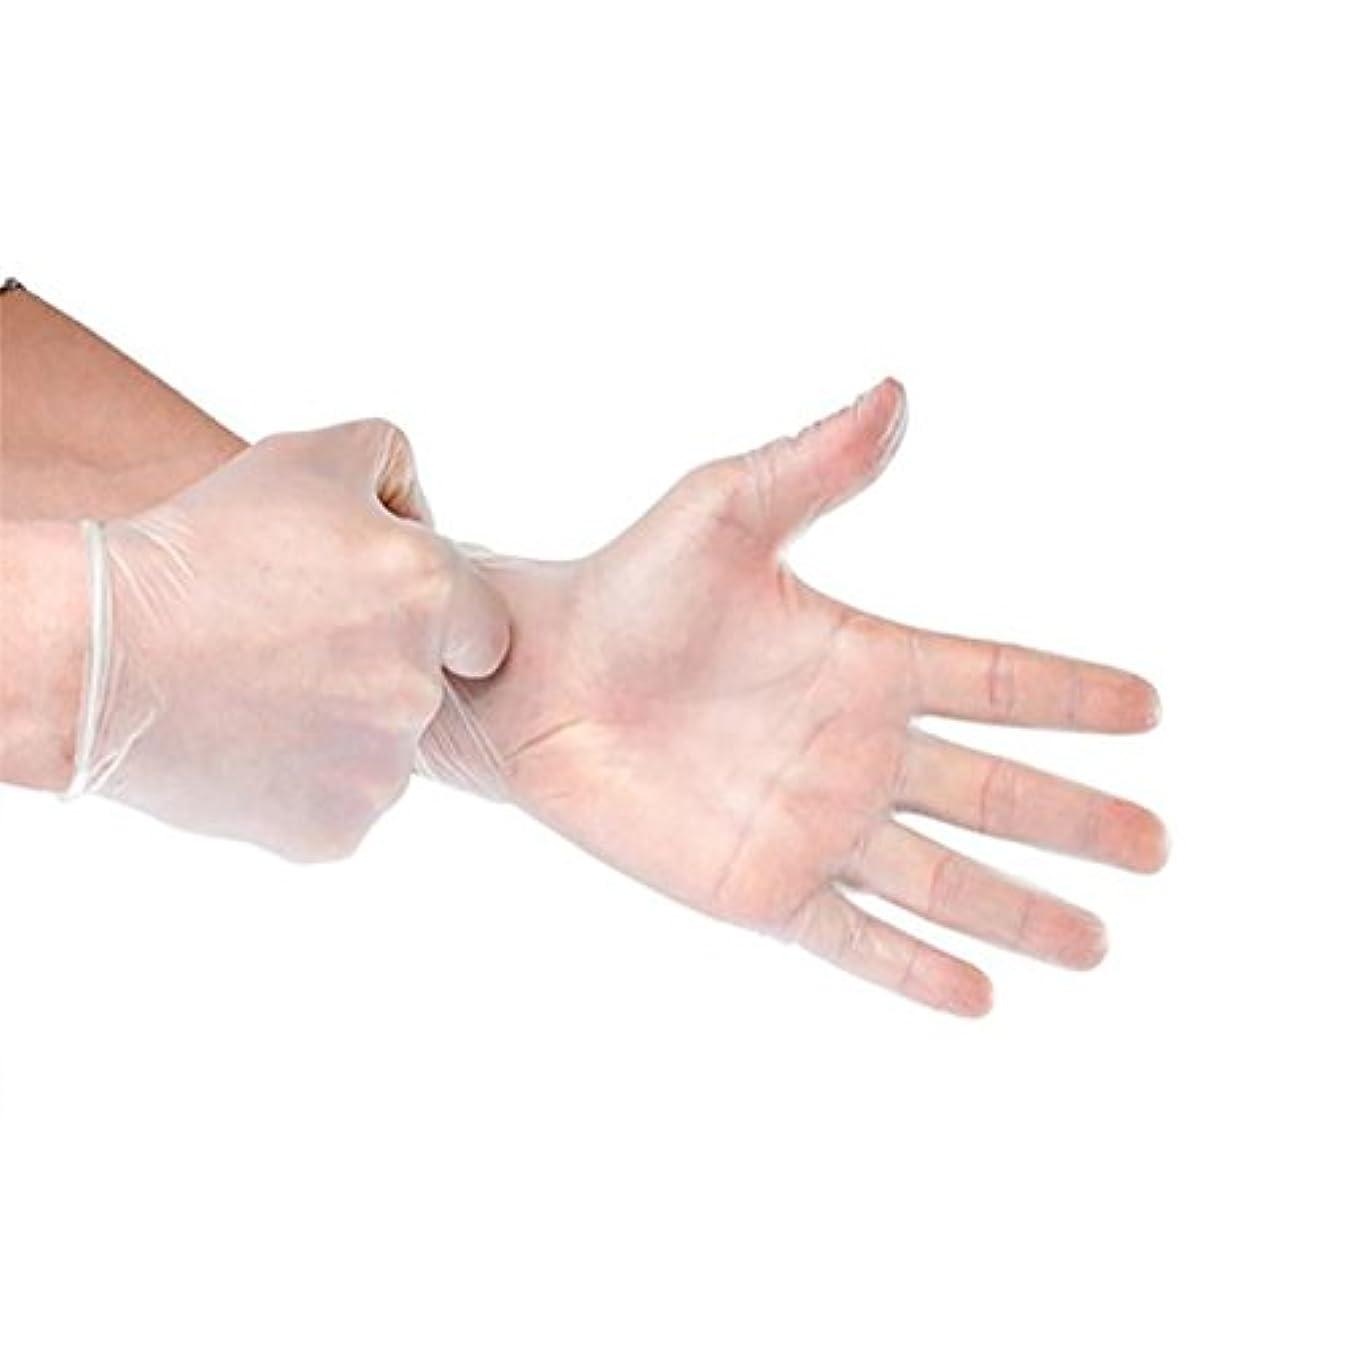 申請中高度な有益Cozyswan 使い捨て手袋 100枚入り 粉なし検査 料理 絵 清潔 掃除 ペット管理 size M (透明)